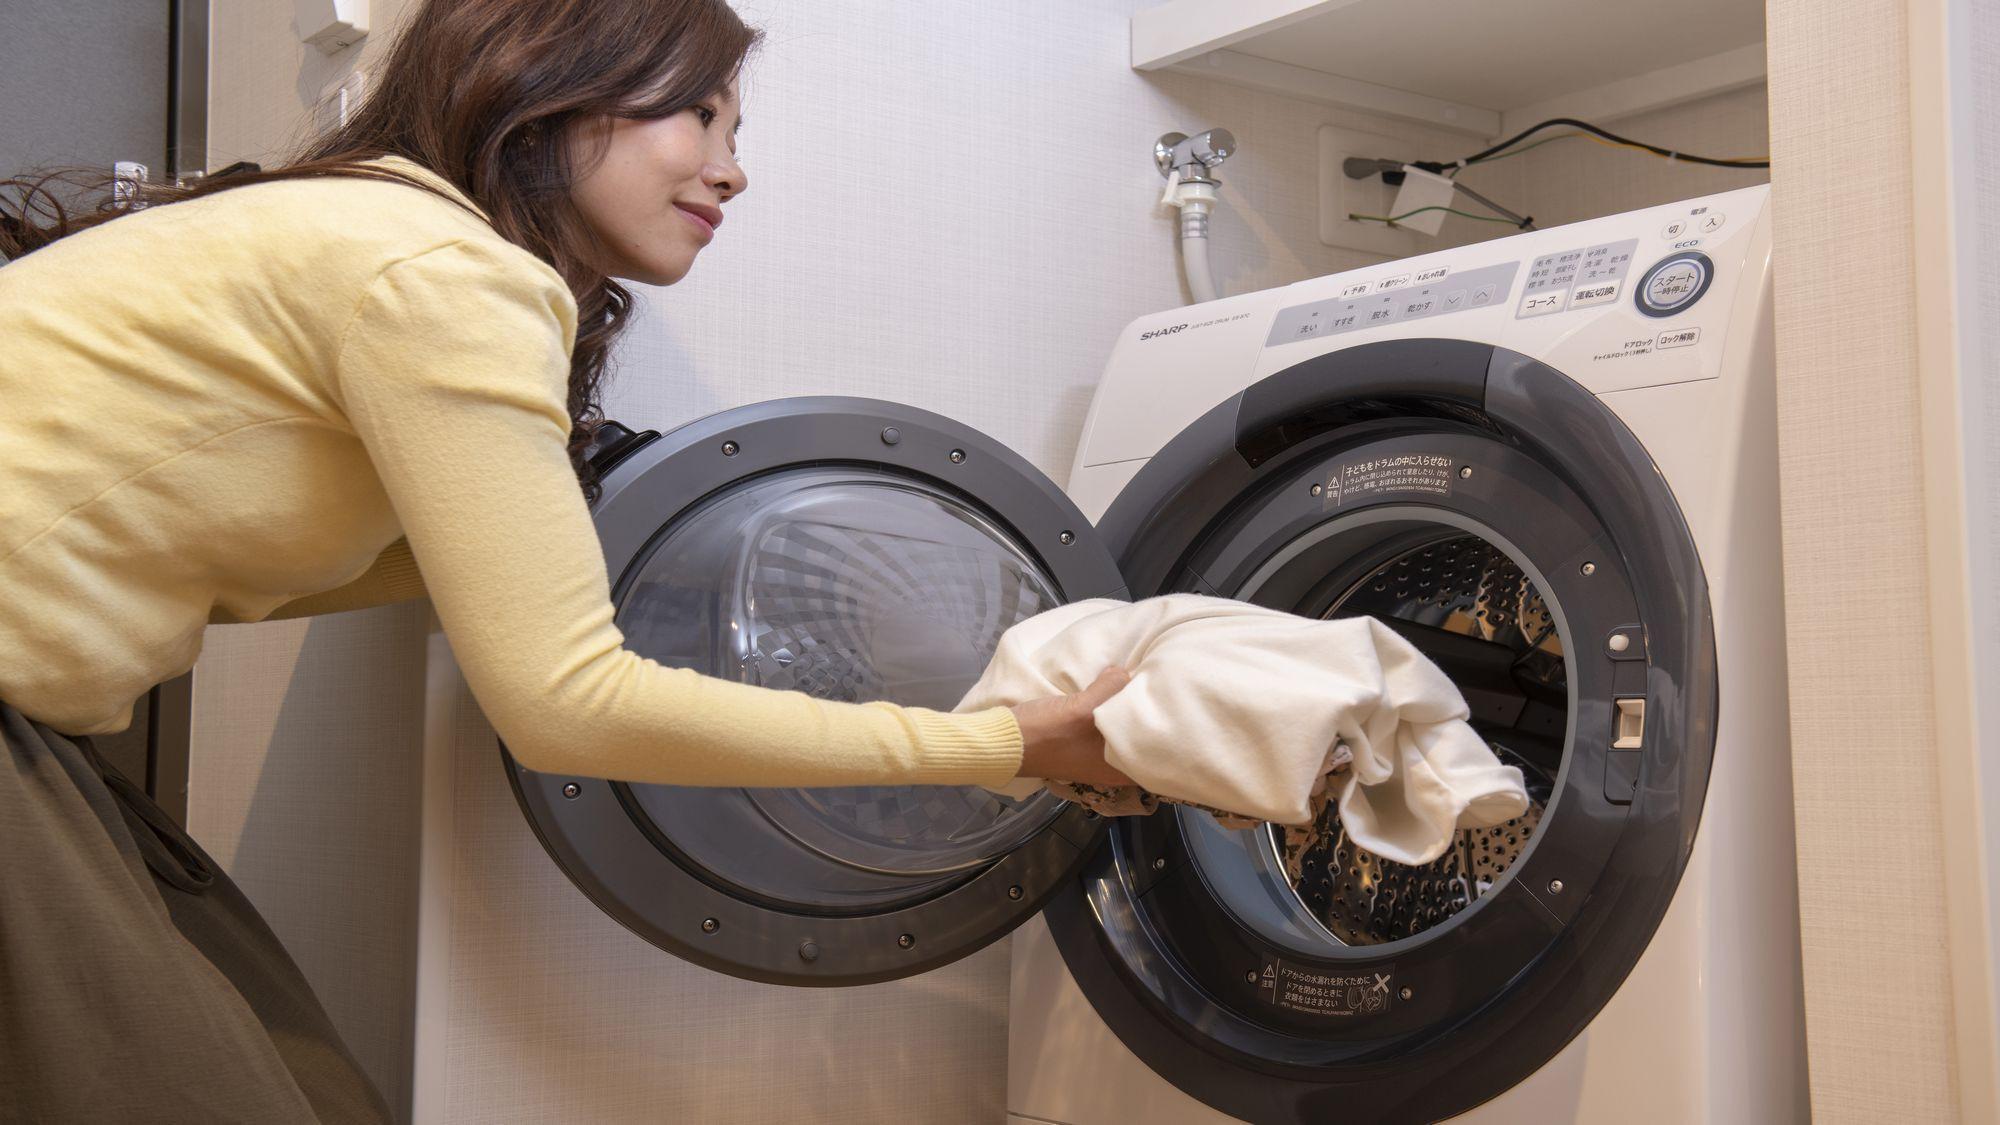 【洗濯乾燥機】出張・京都観光での京都ステイは少ない荷物でOK